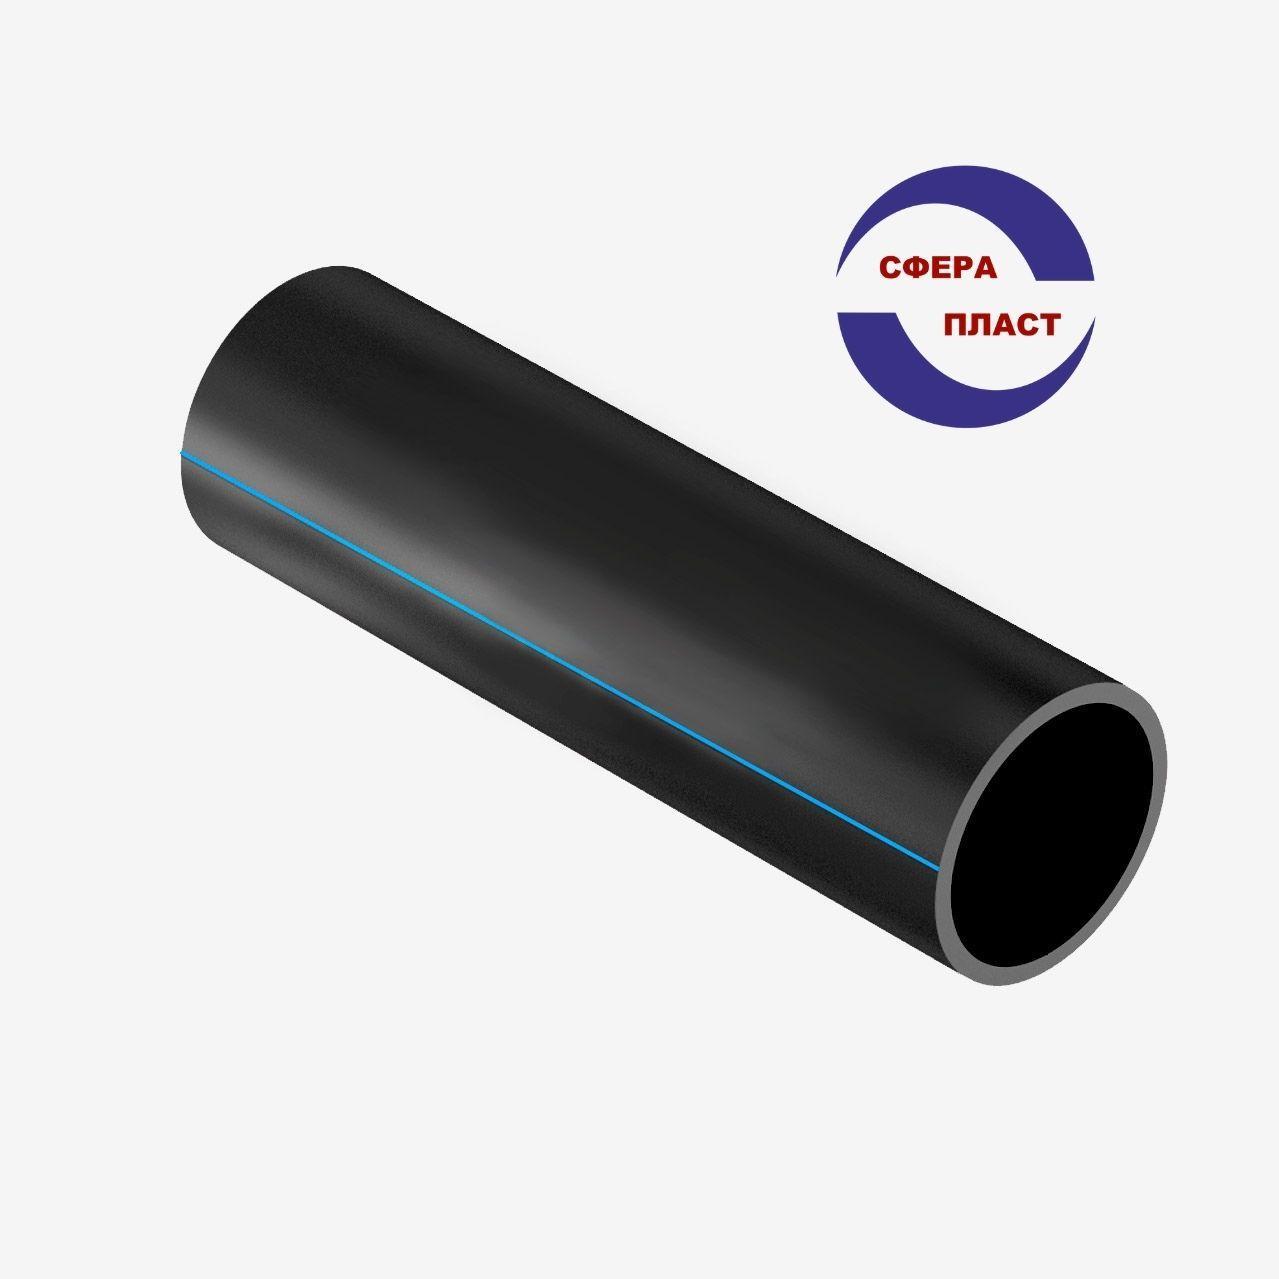 Труба Ду-250x9,6 SDR26 (6,3 атм) полиэтиленовая ПЭ-100